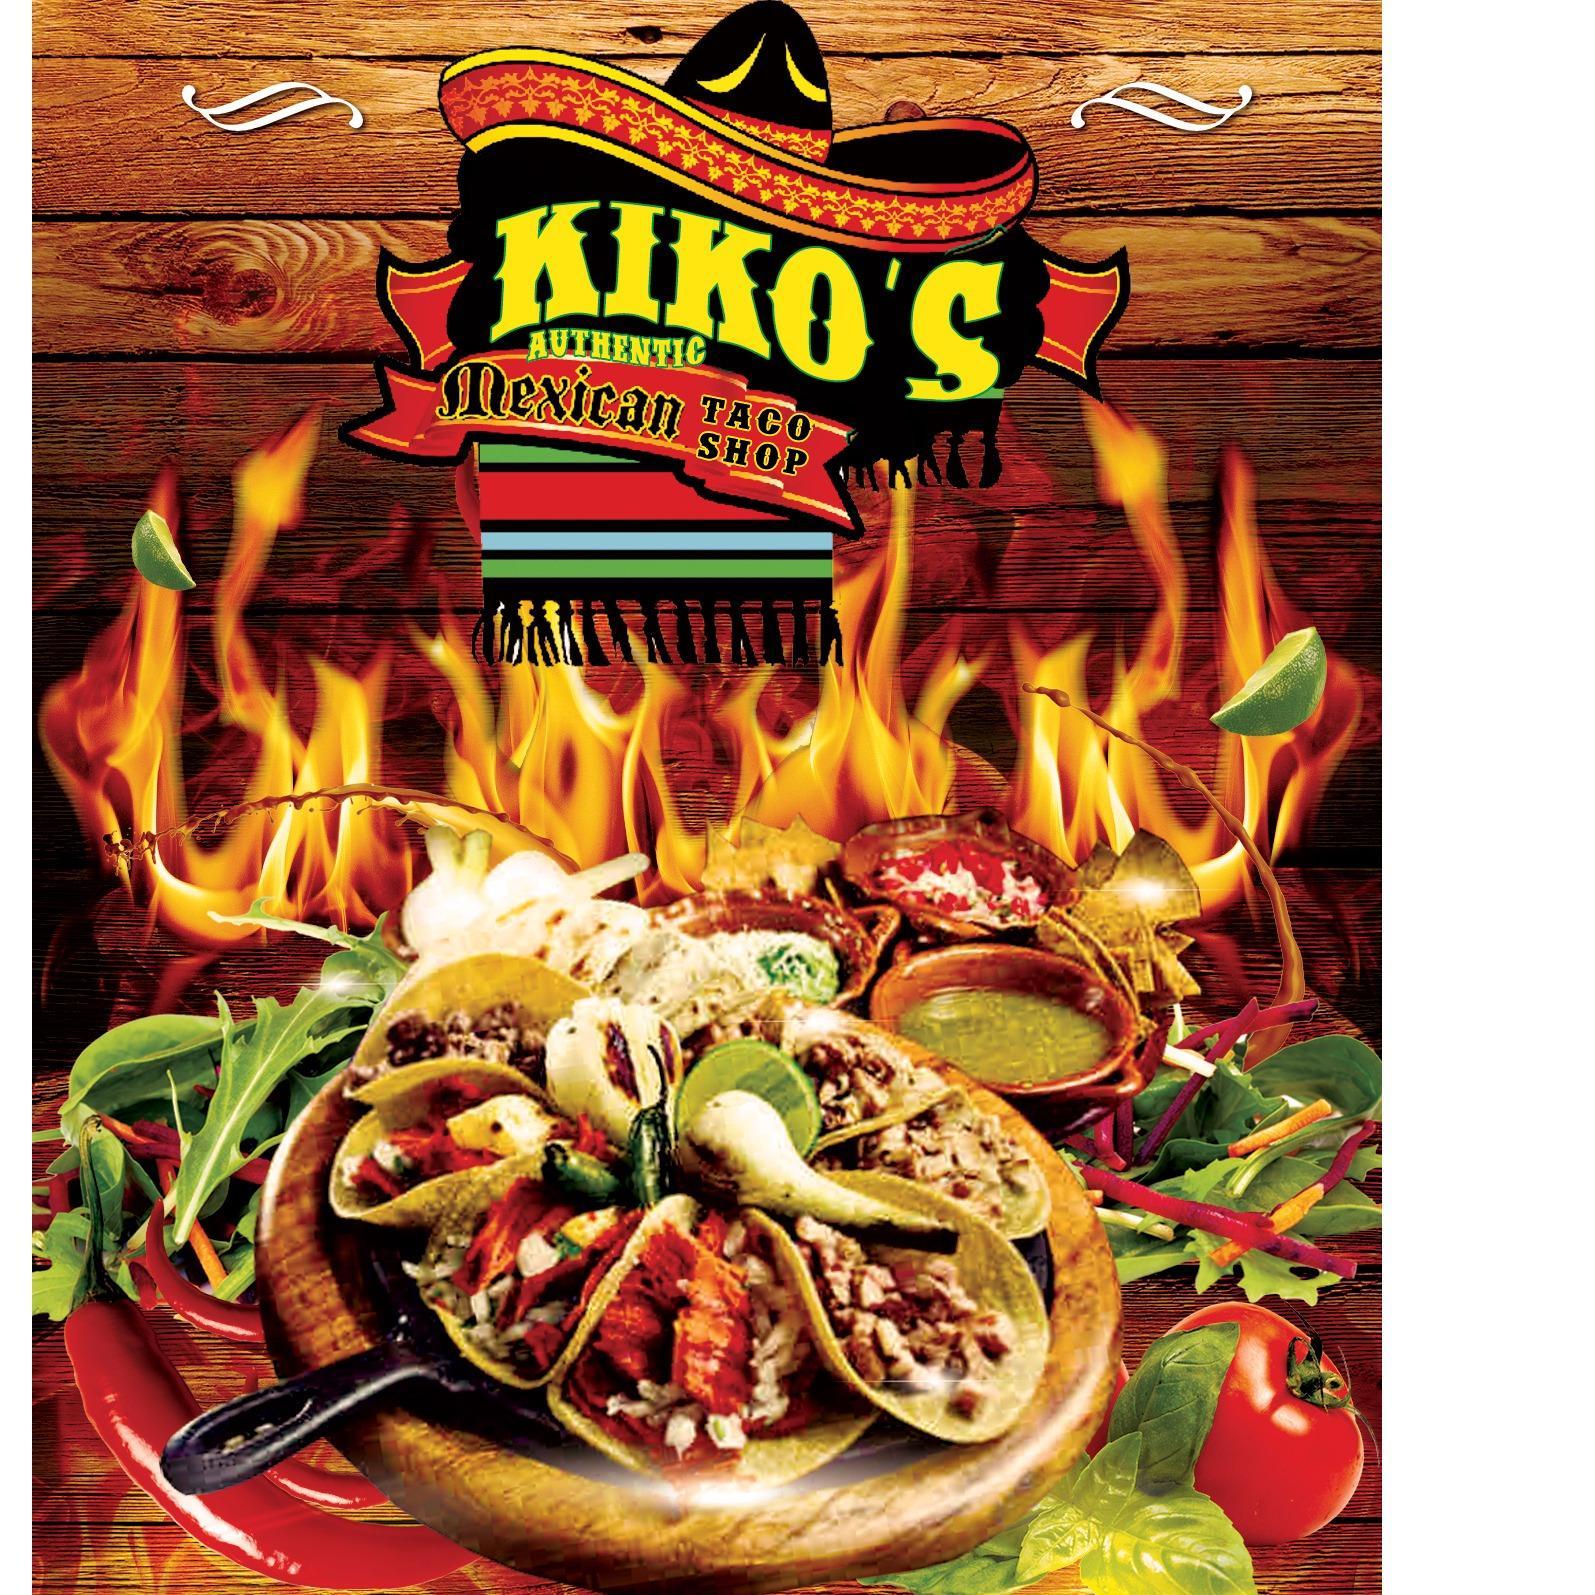 KIKOS Mexican TACO SHOP